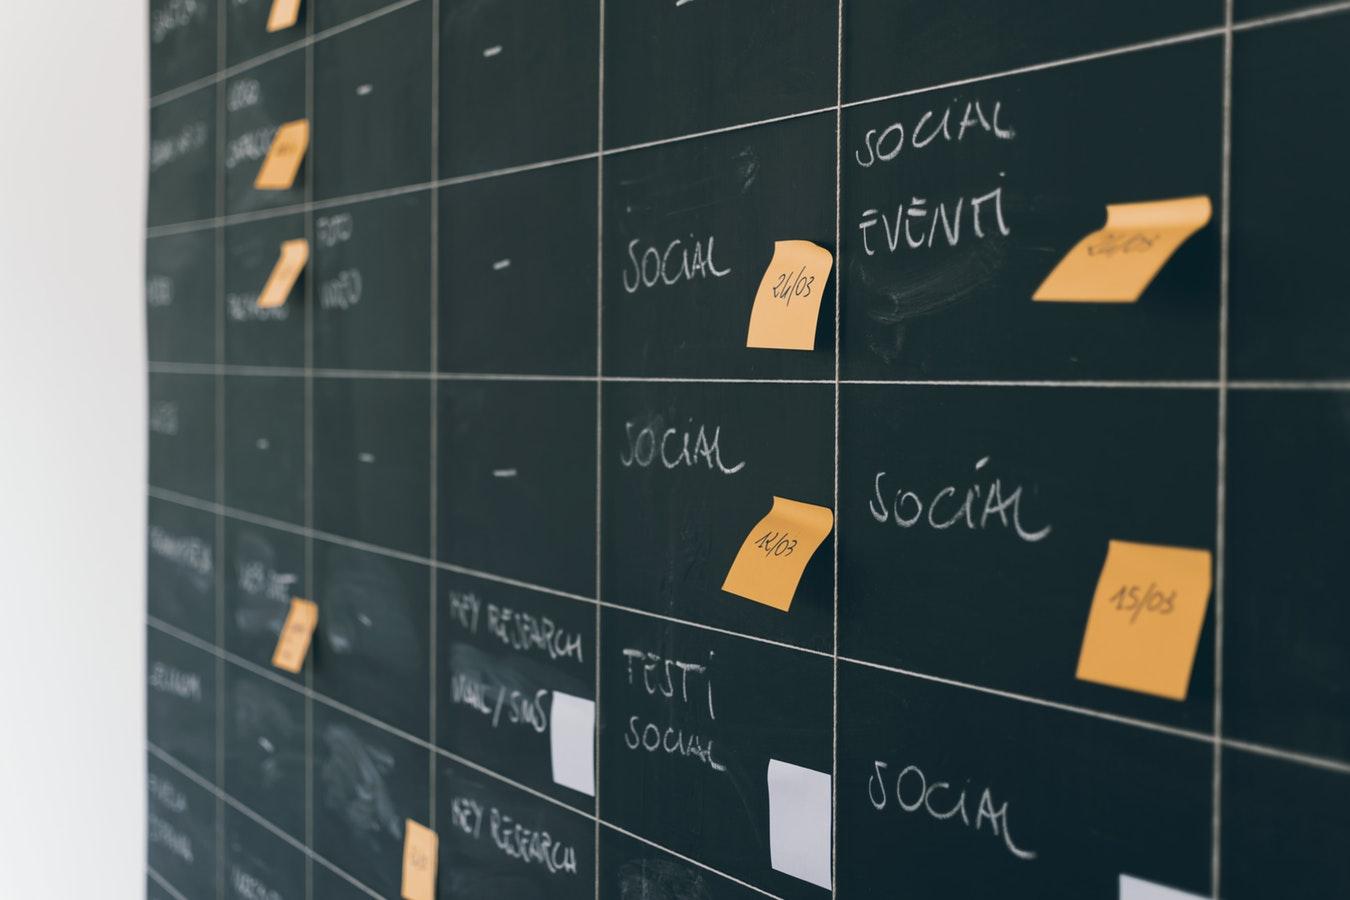 Post it notes on a blackboard